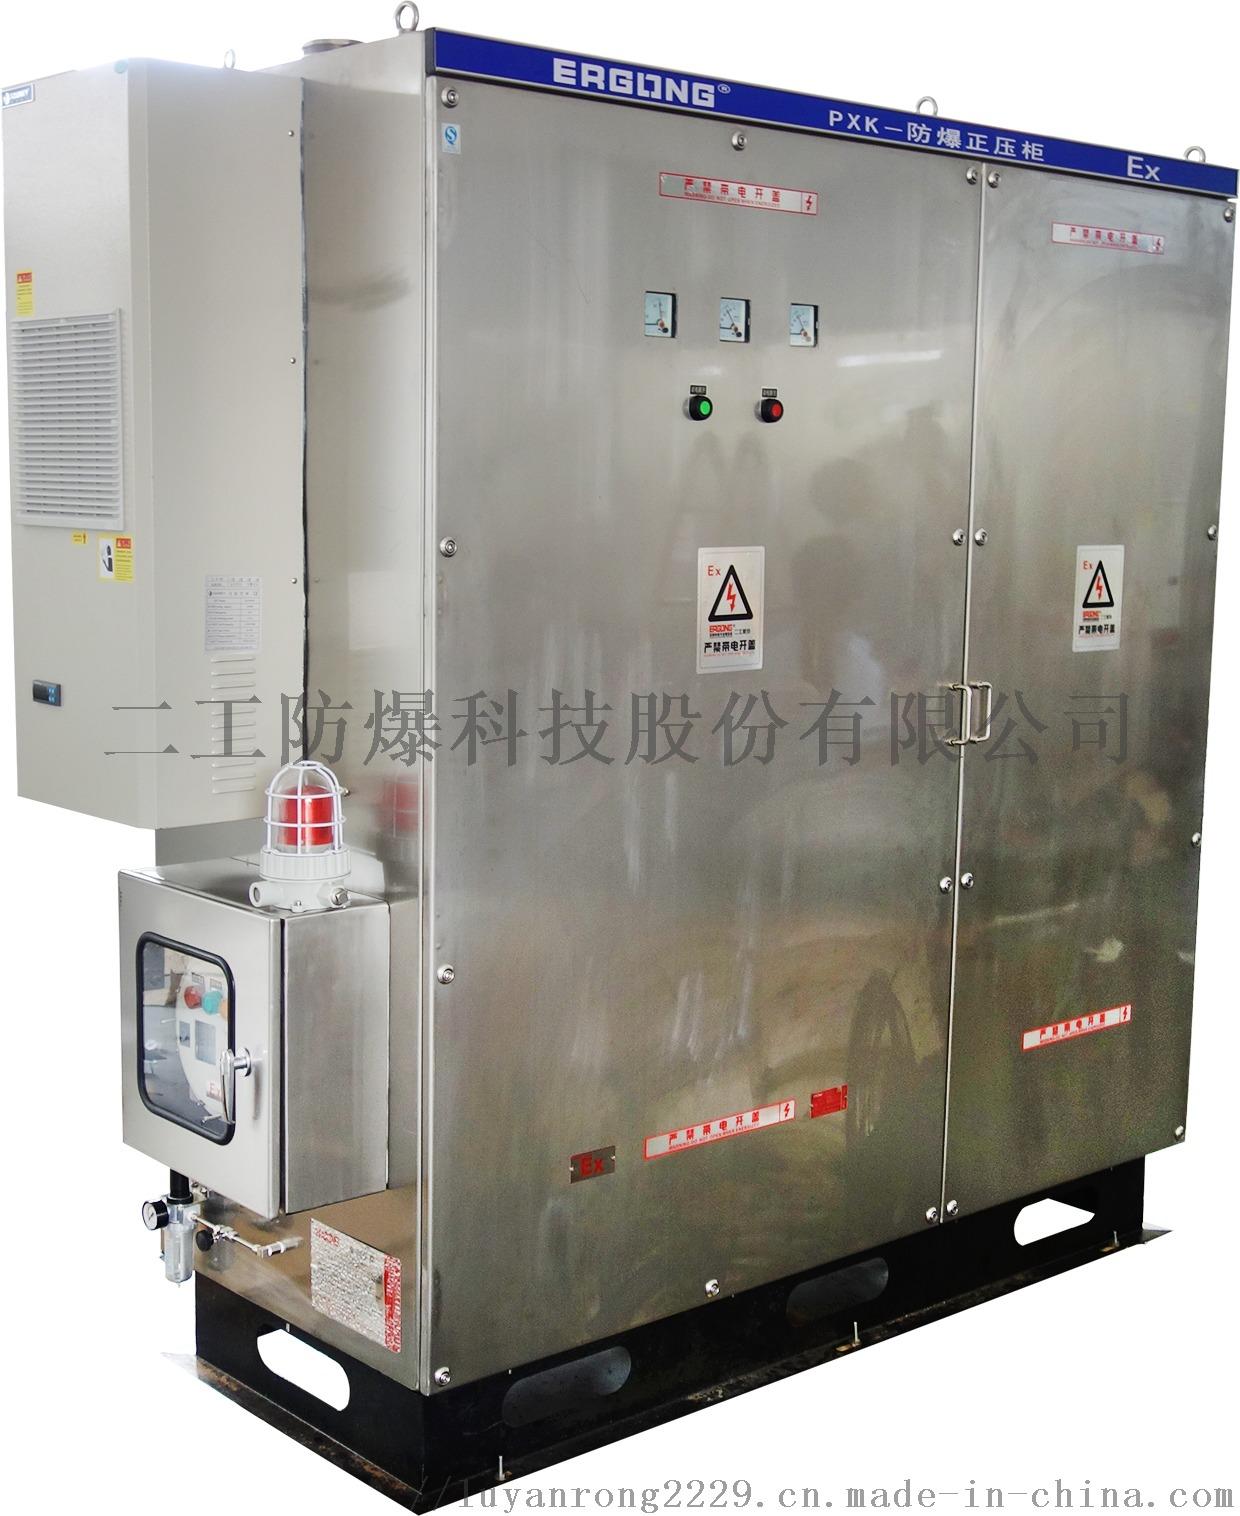 煤礦井下專用變頻器防爆正壓櫃電氣廠家82408595